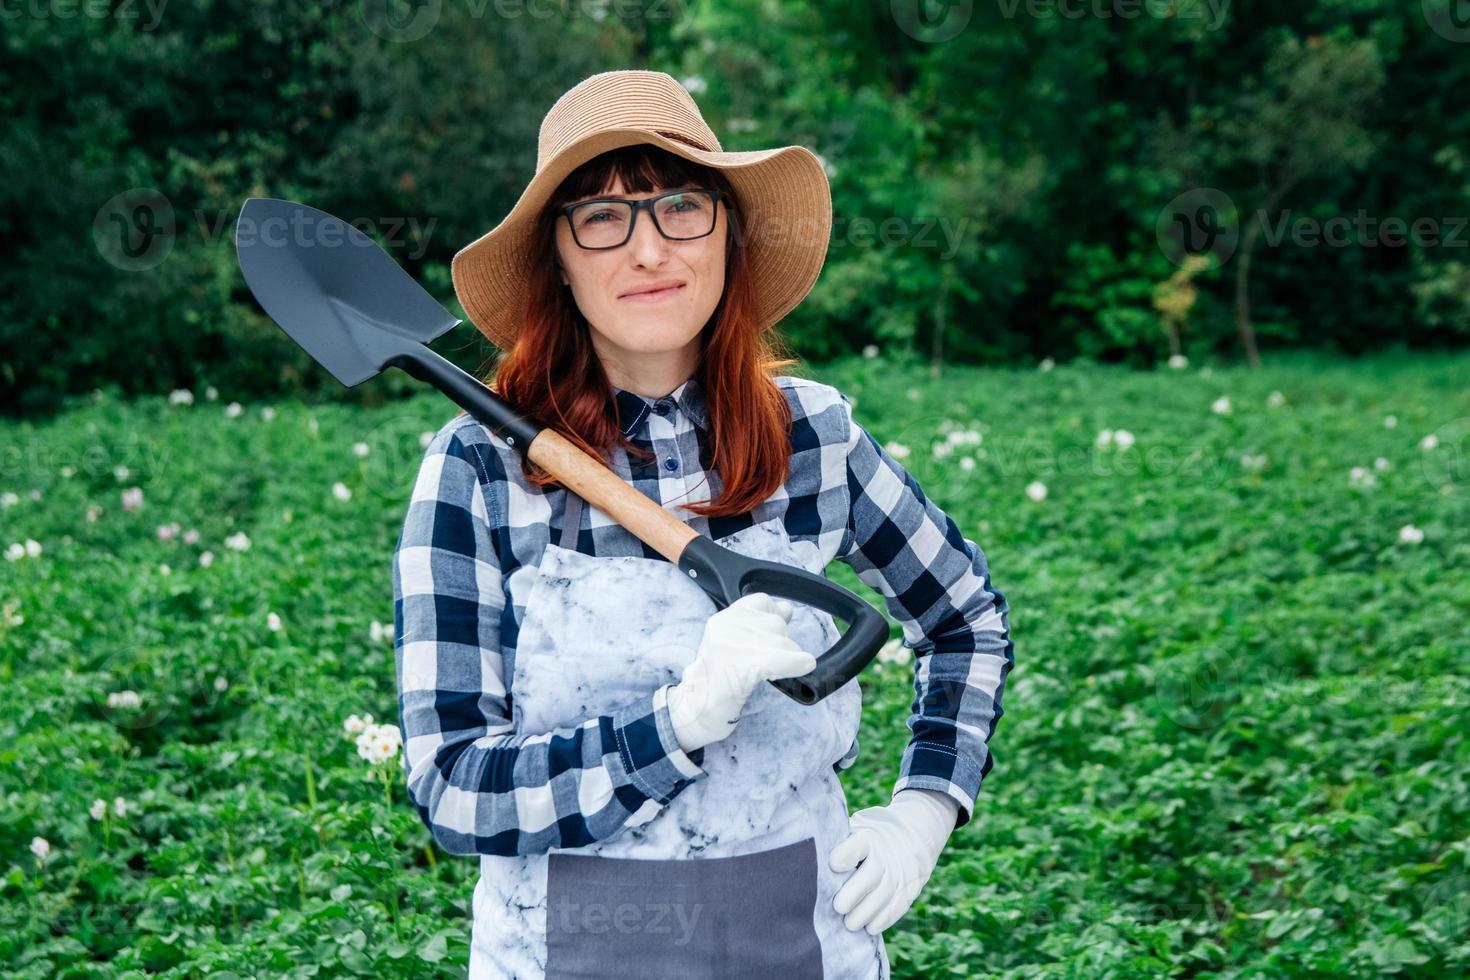 femme posant avec une pelle photo